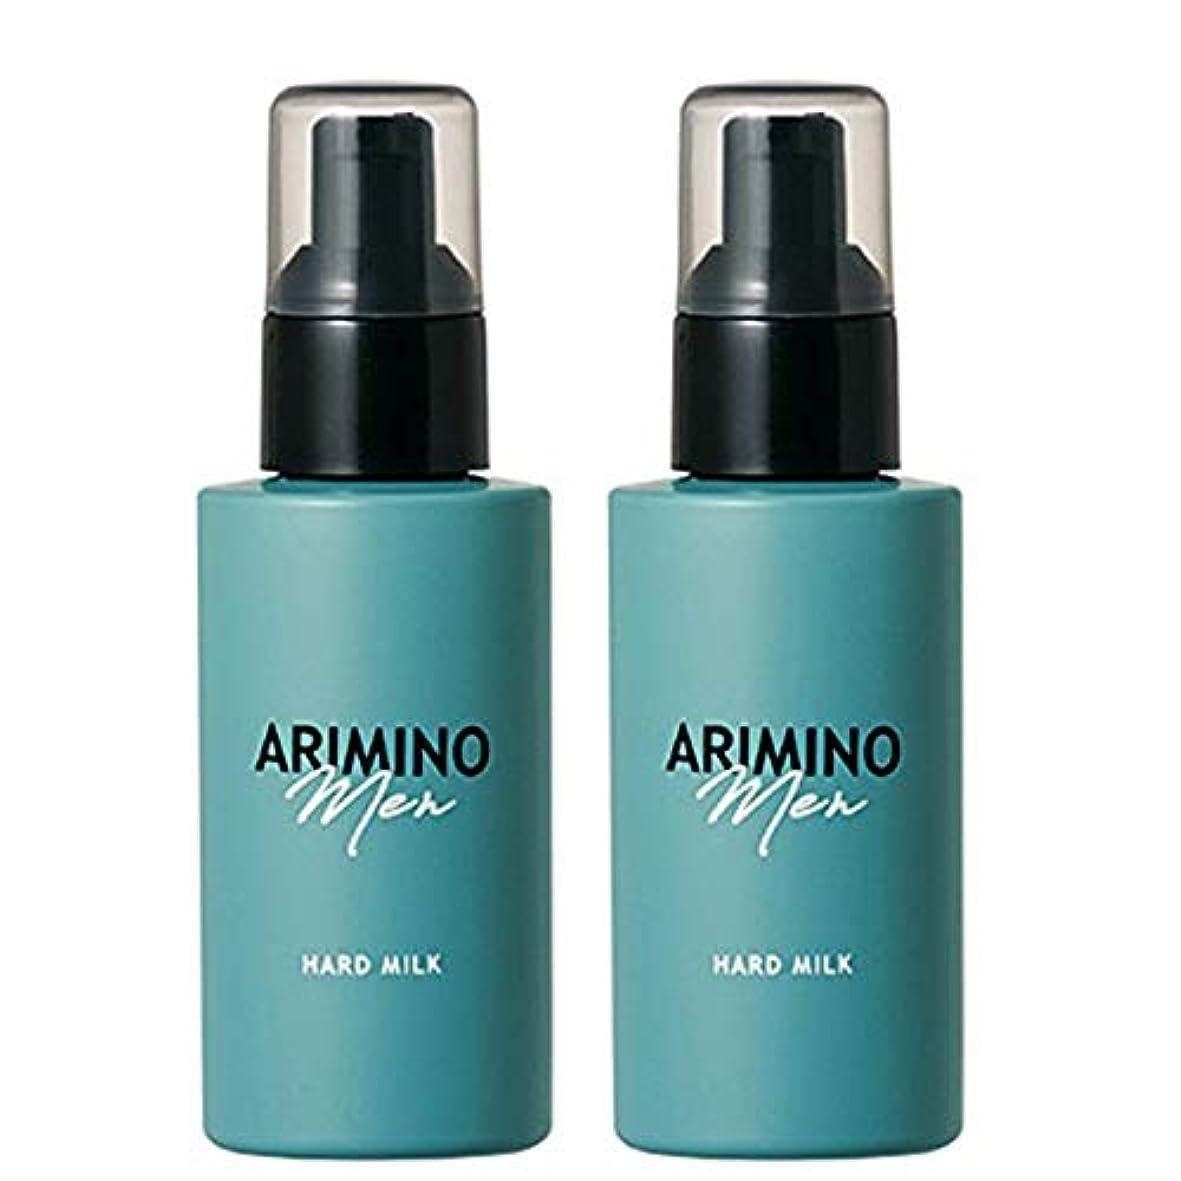 コンテスト時計回り分離するアリミノ メン ハード ミルク 100g ×2個 セット arimino men